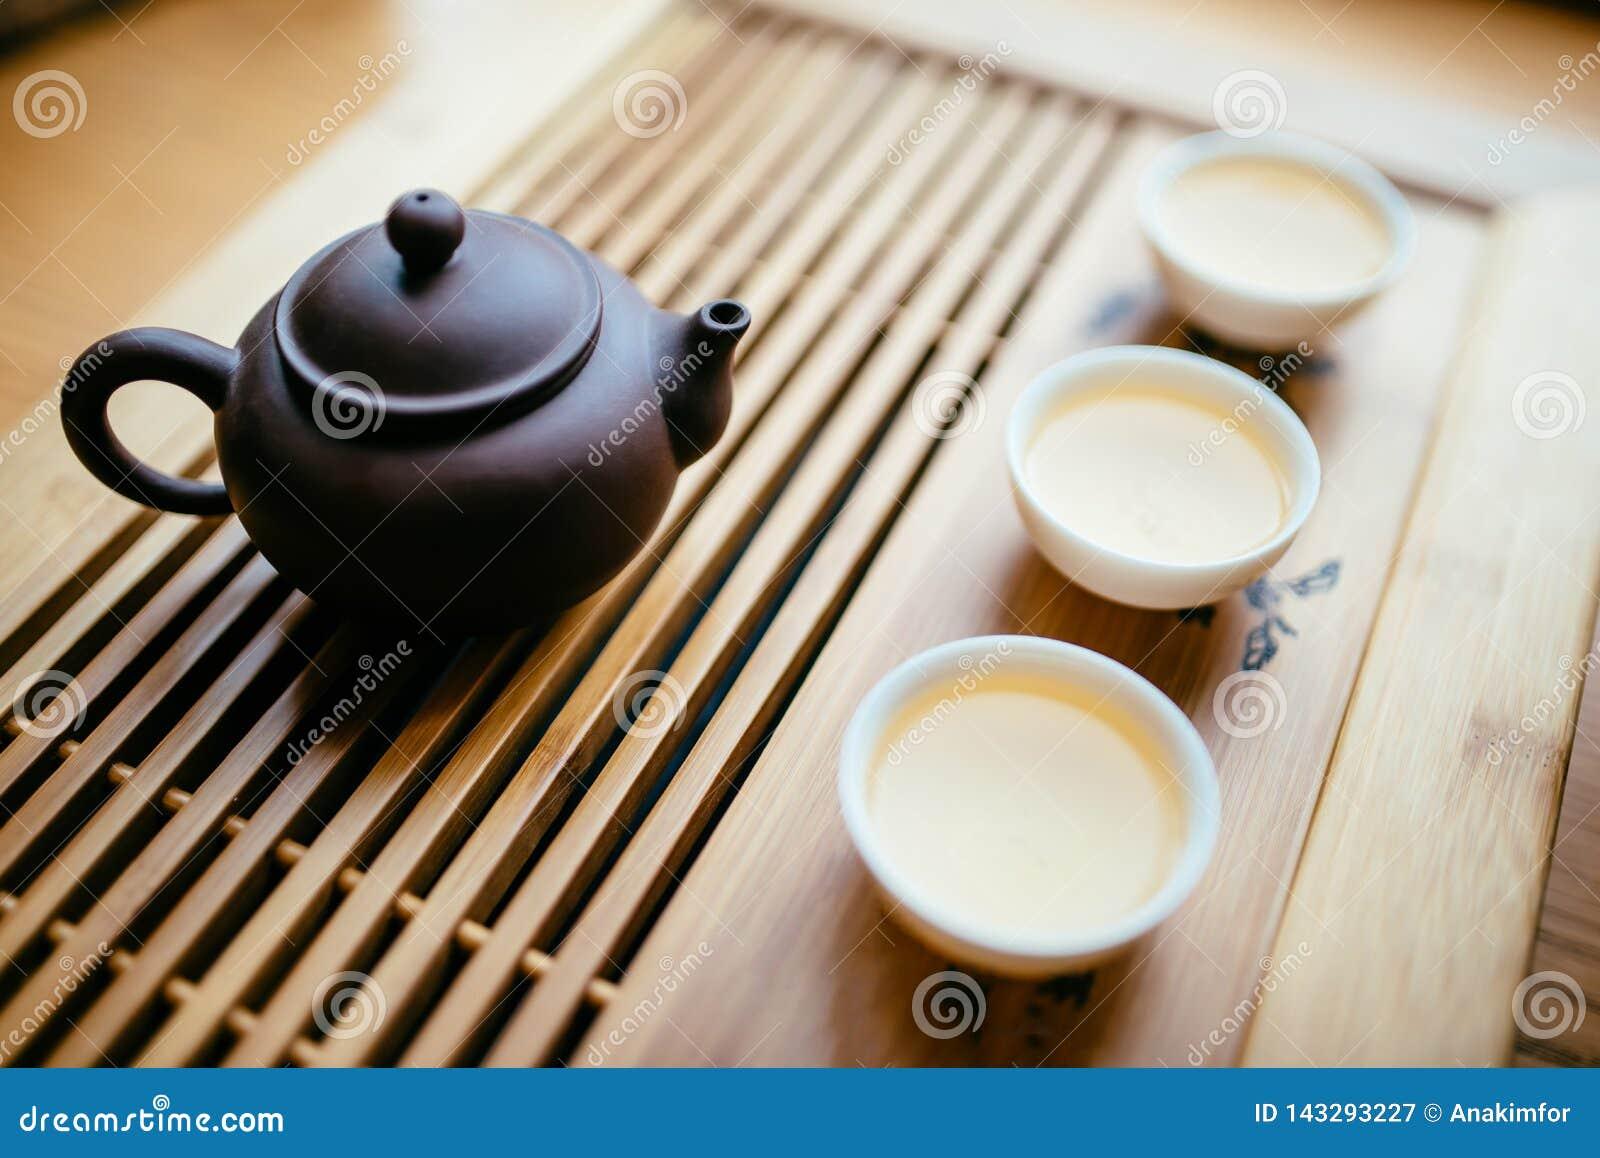 Théière et tasses avec le thé chinois sur la table pour la cérémonie de thé